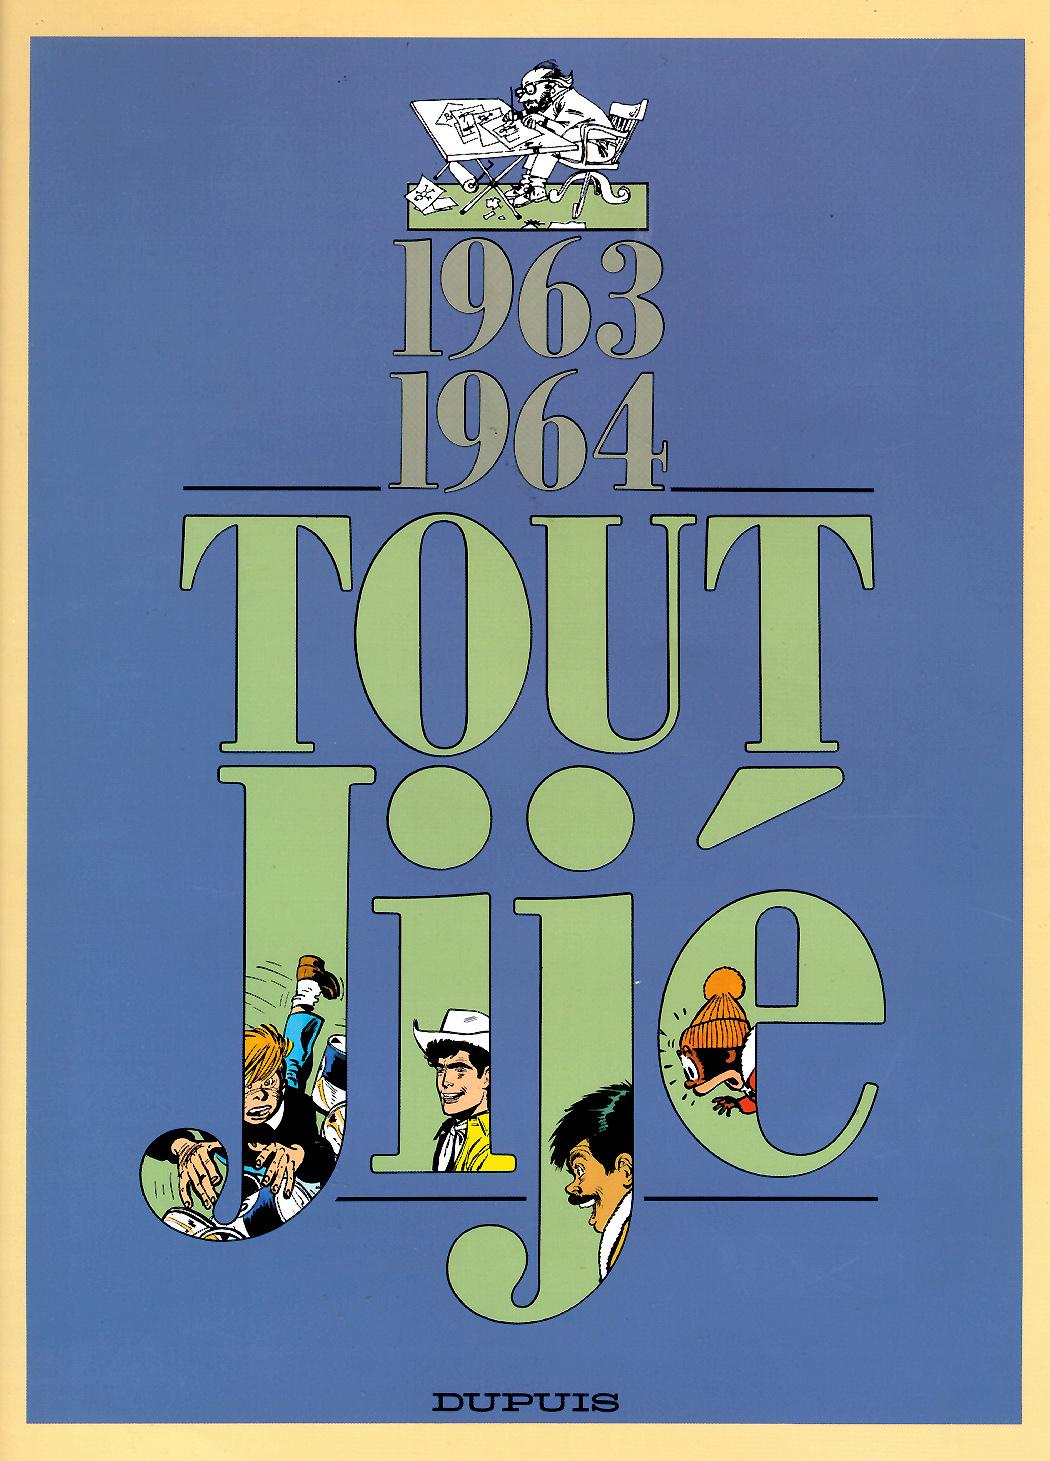 JIJE (INTEGRALE) - TOUT JIJE - TOME 10 - TOUT JIJE (1963-1964)